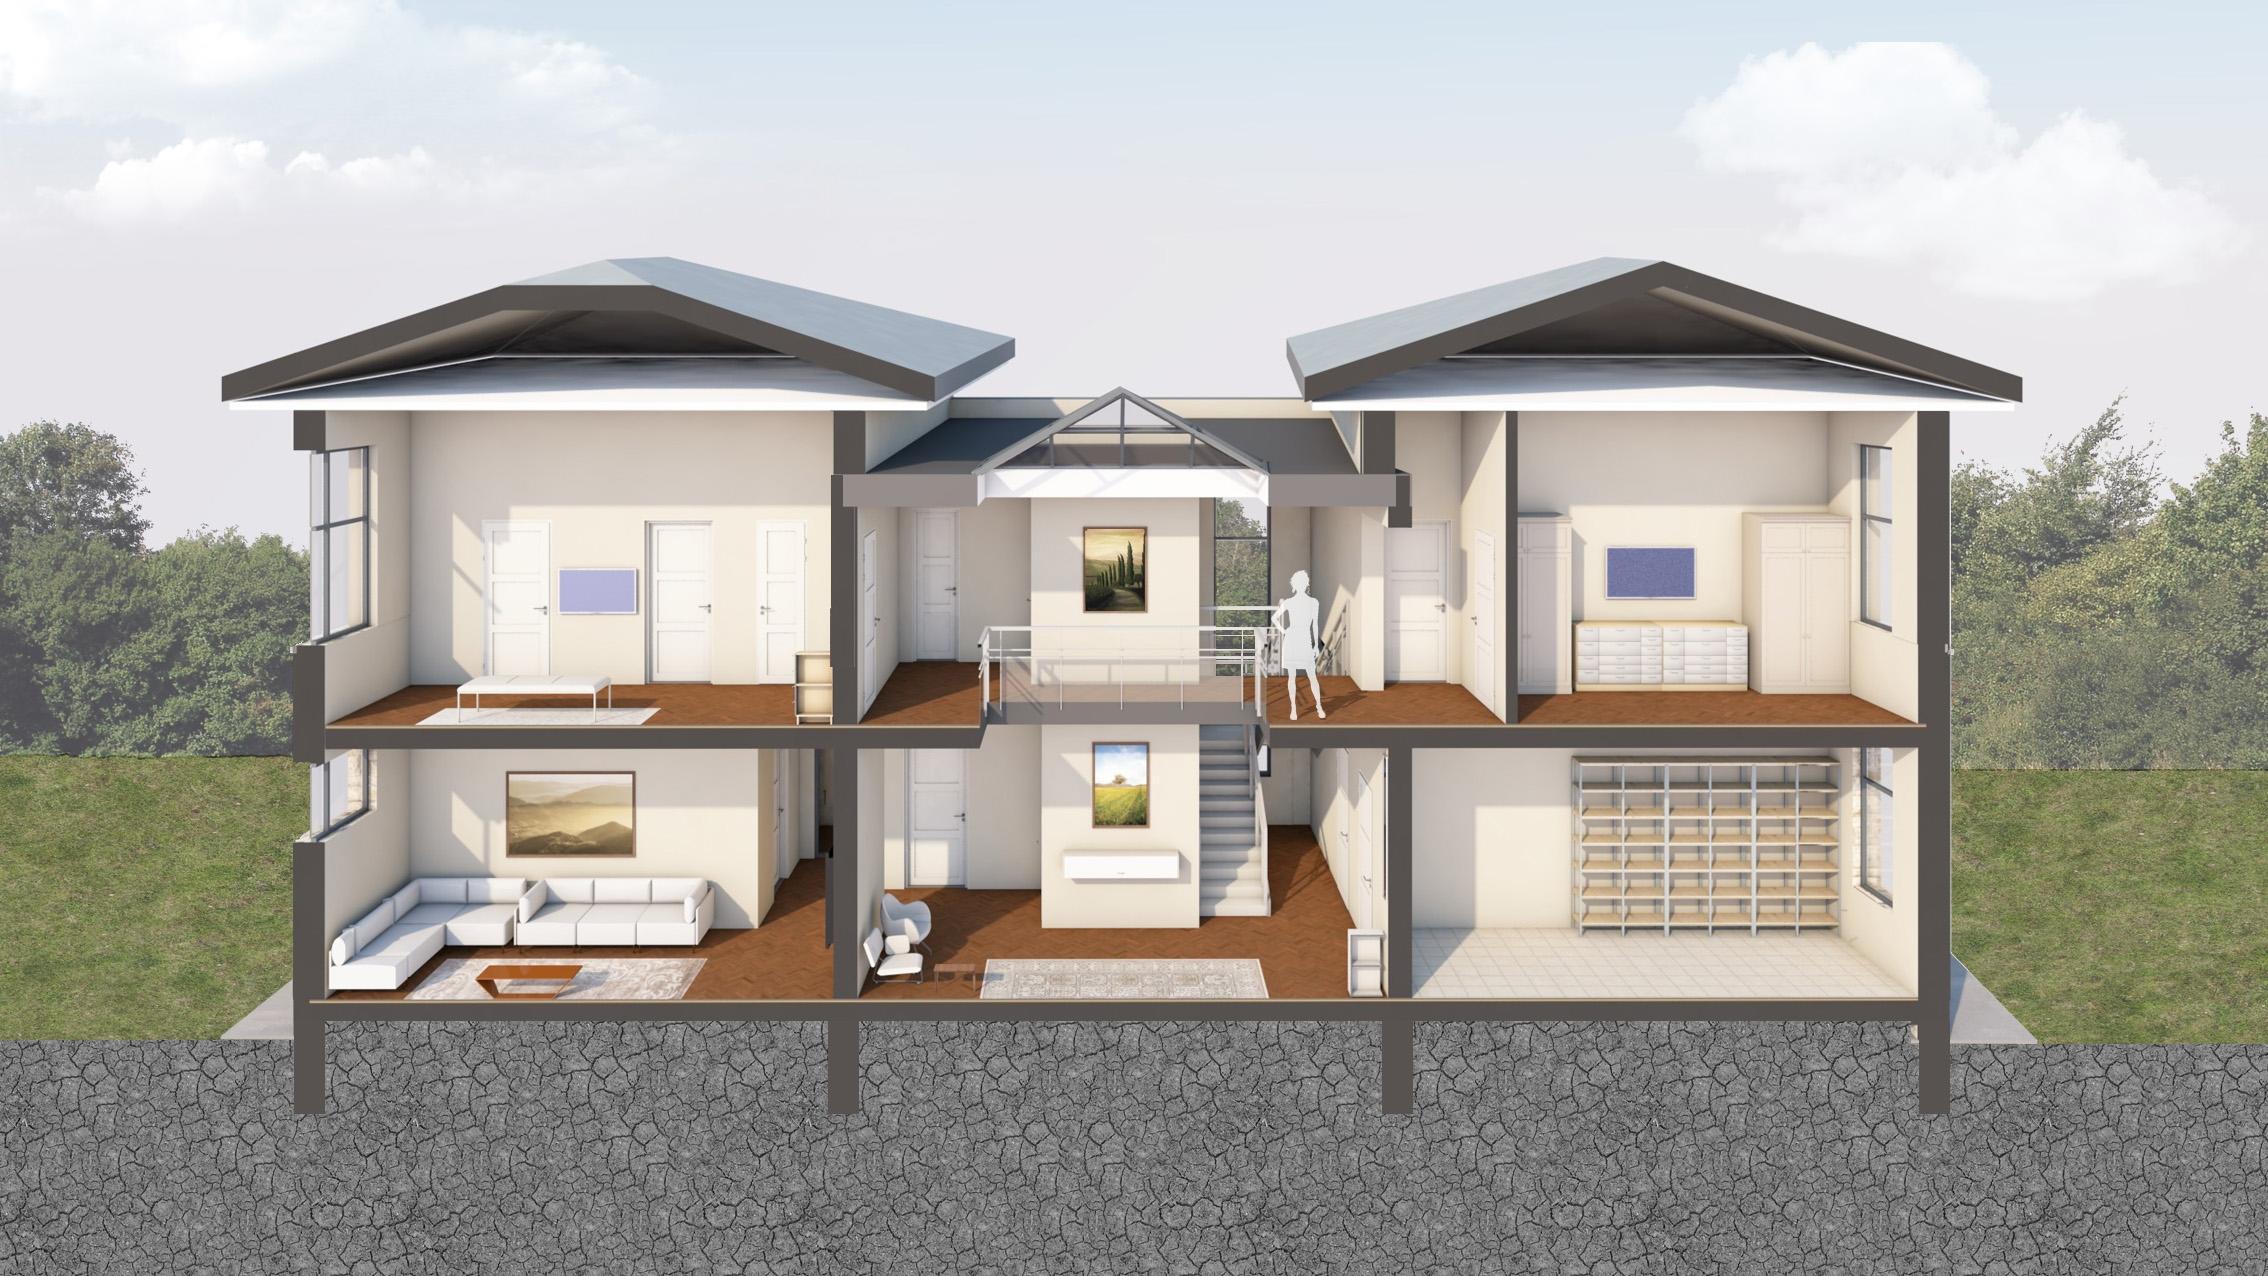 Изображение для проекта Проект современного особняка в Бишкеке 2047